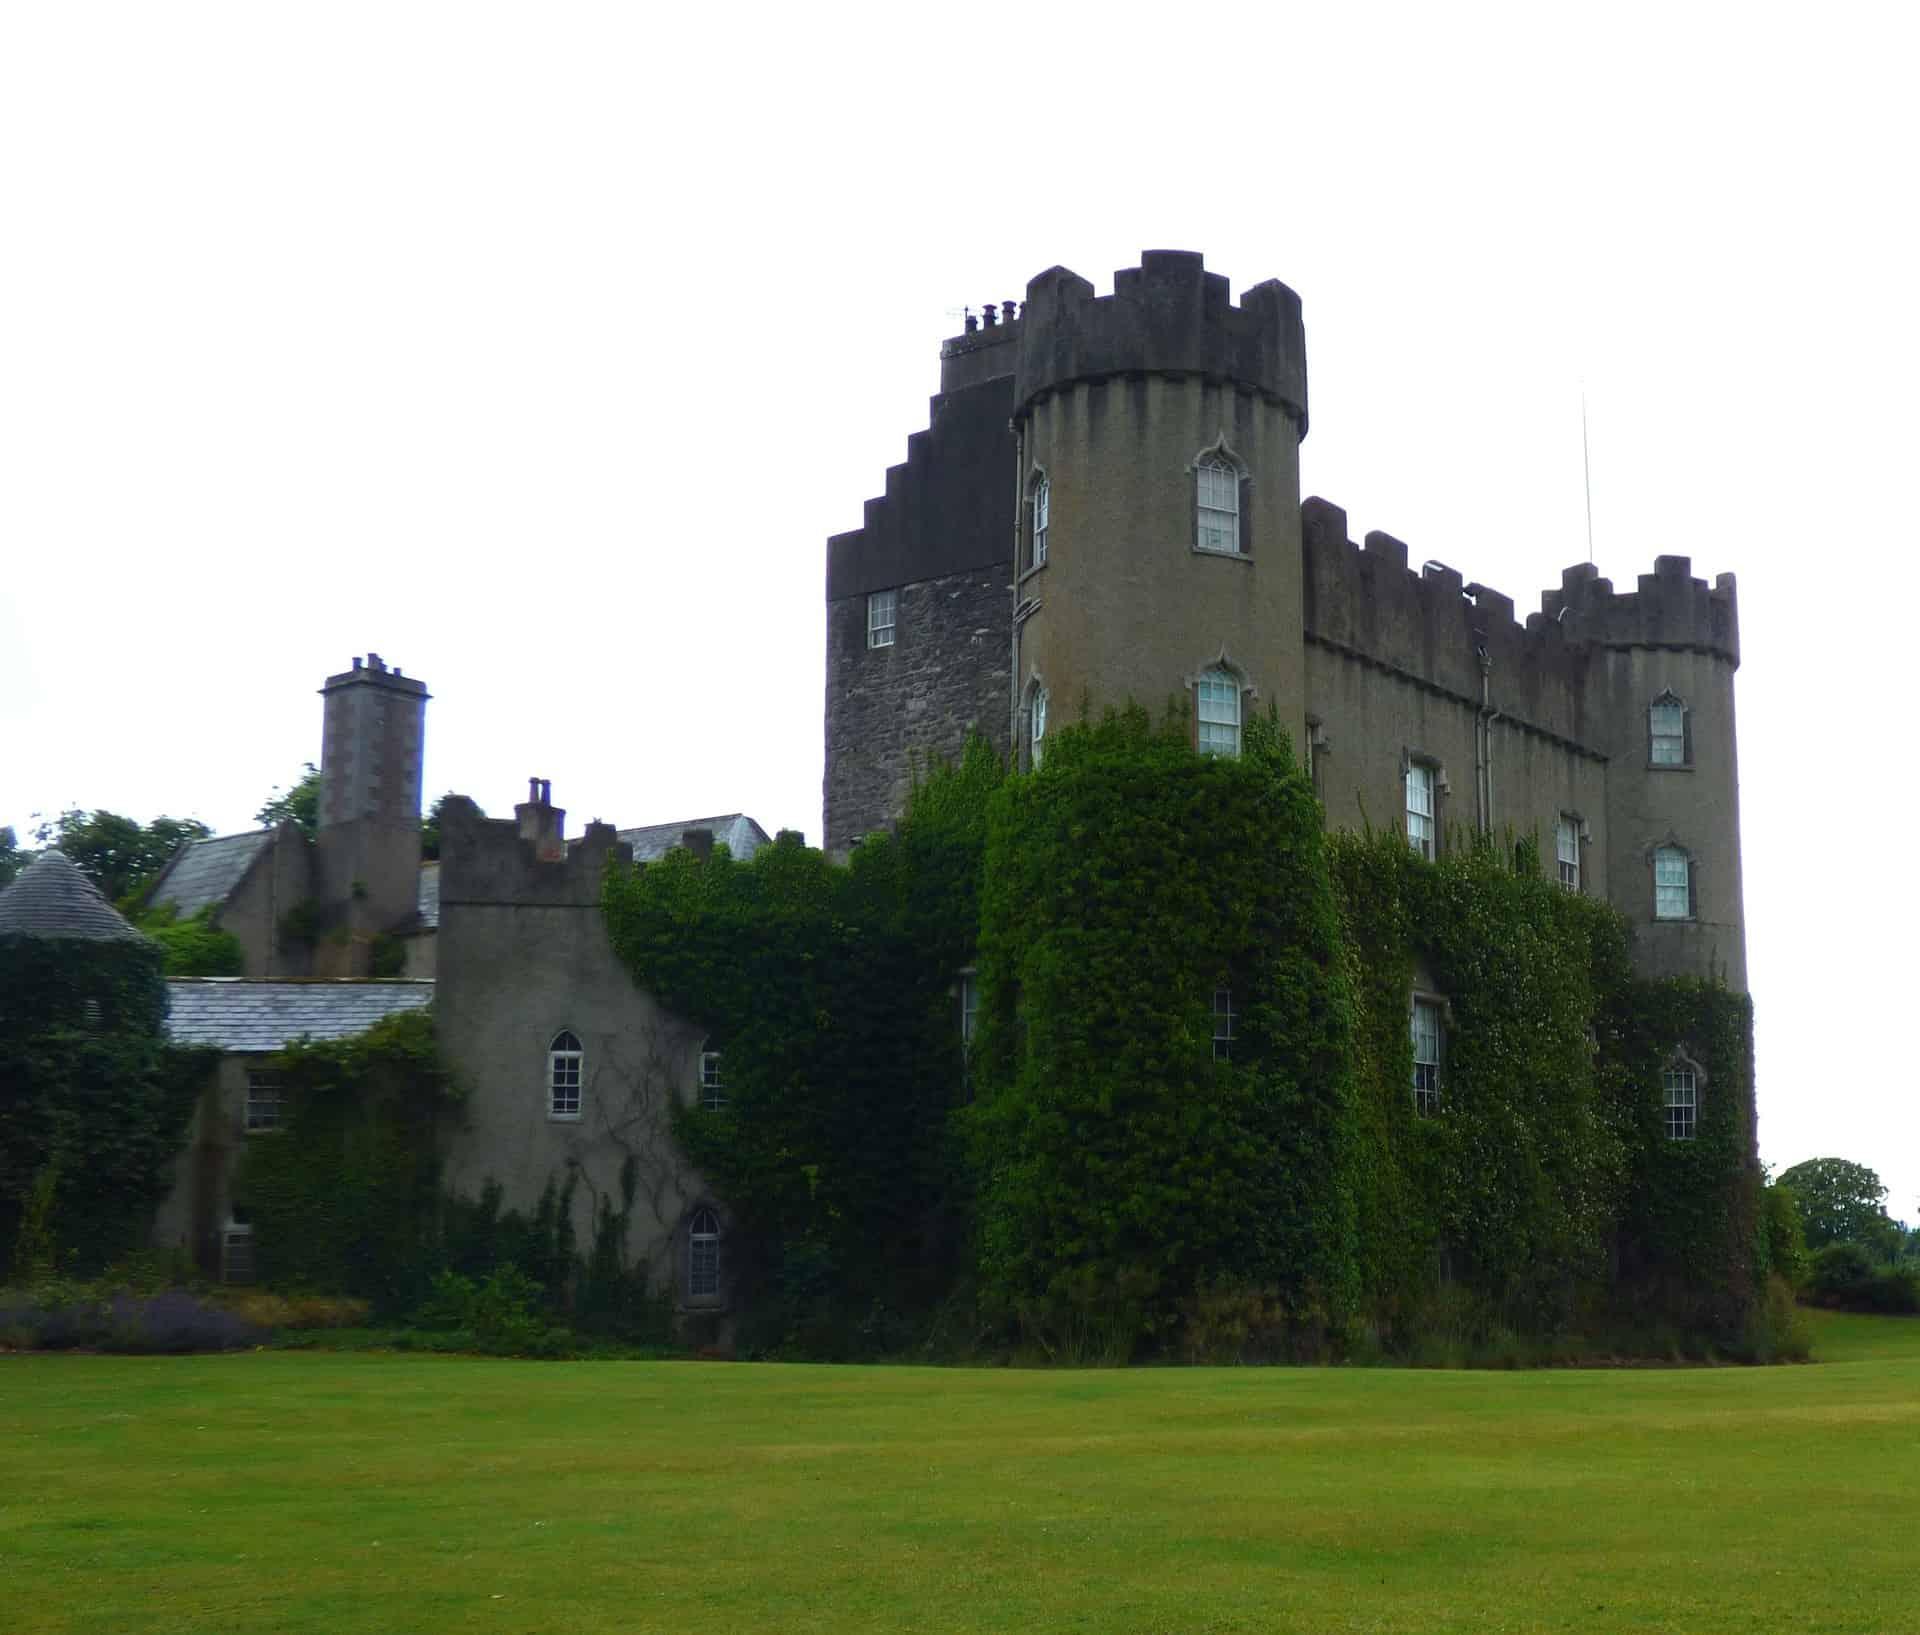 Malahide Castle & Gardens in Ireland